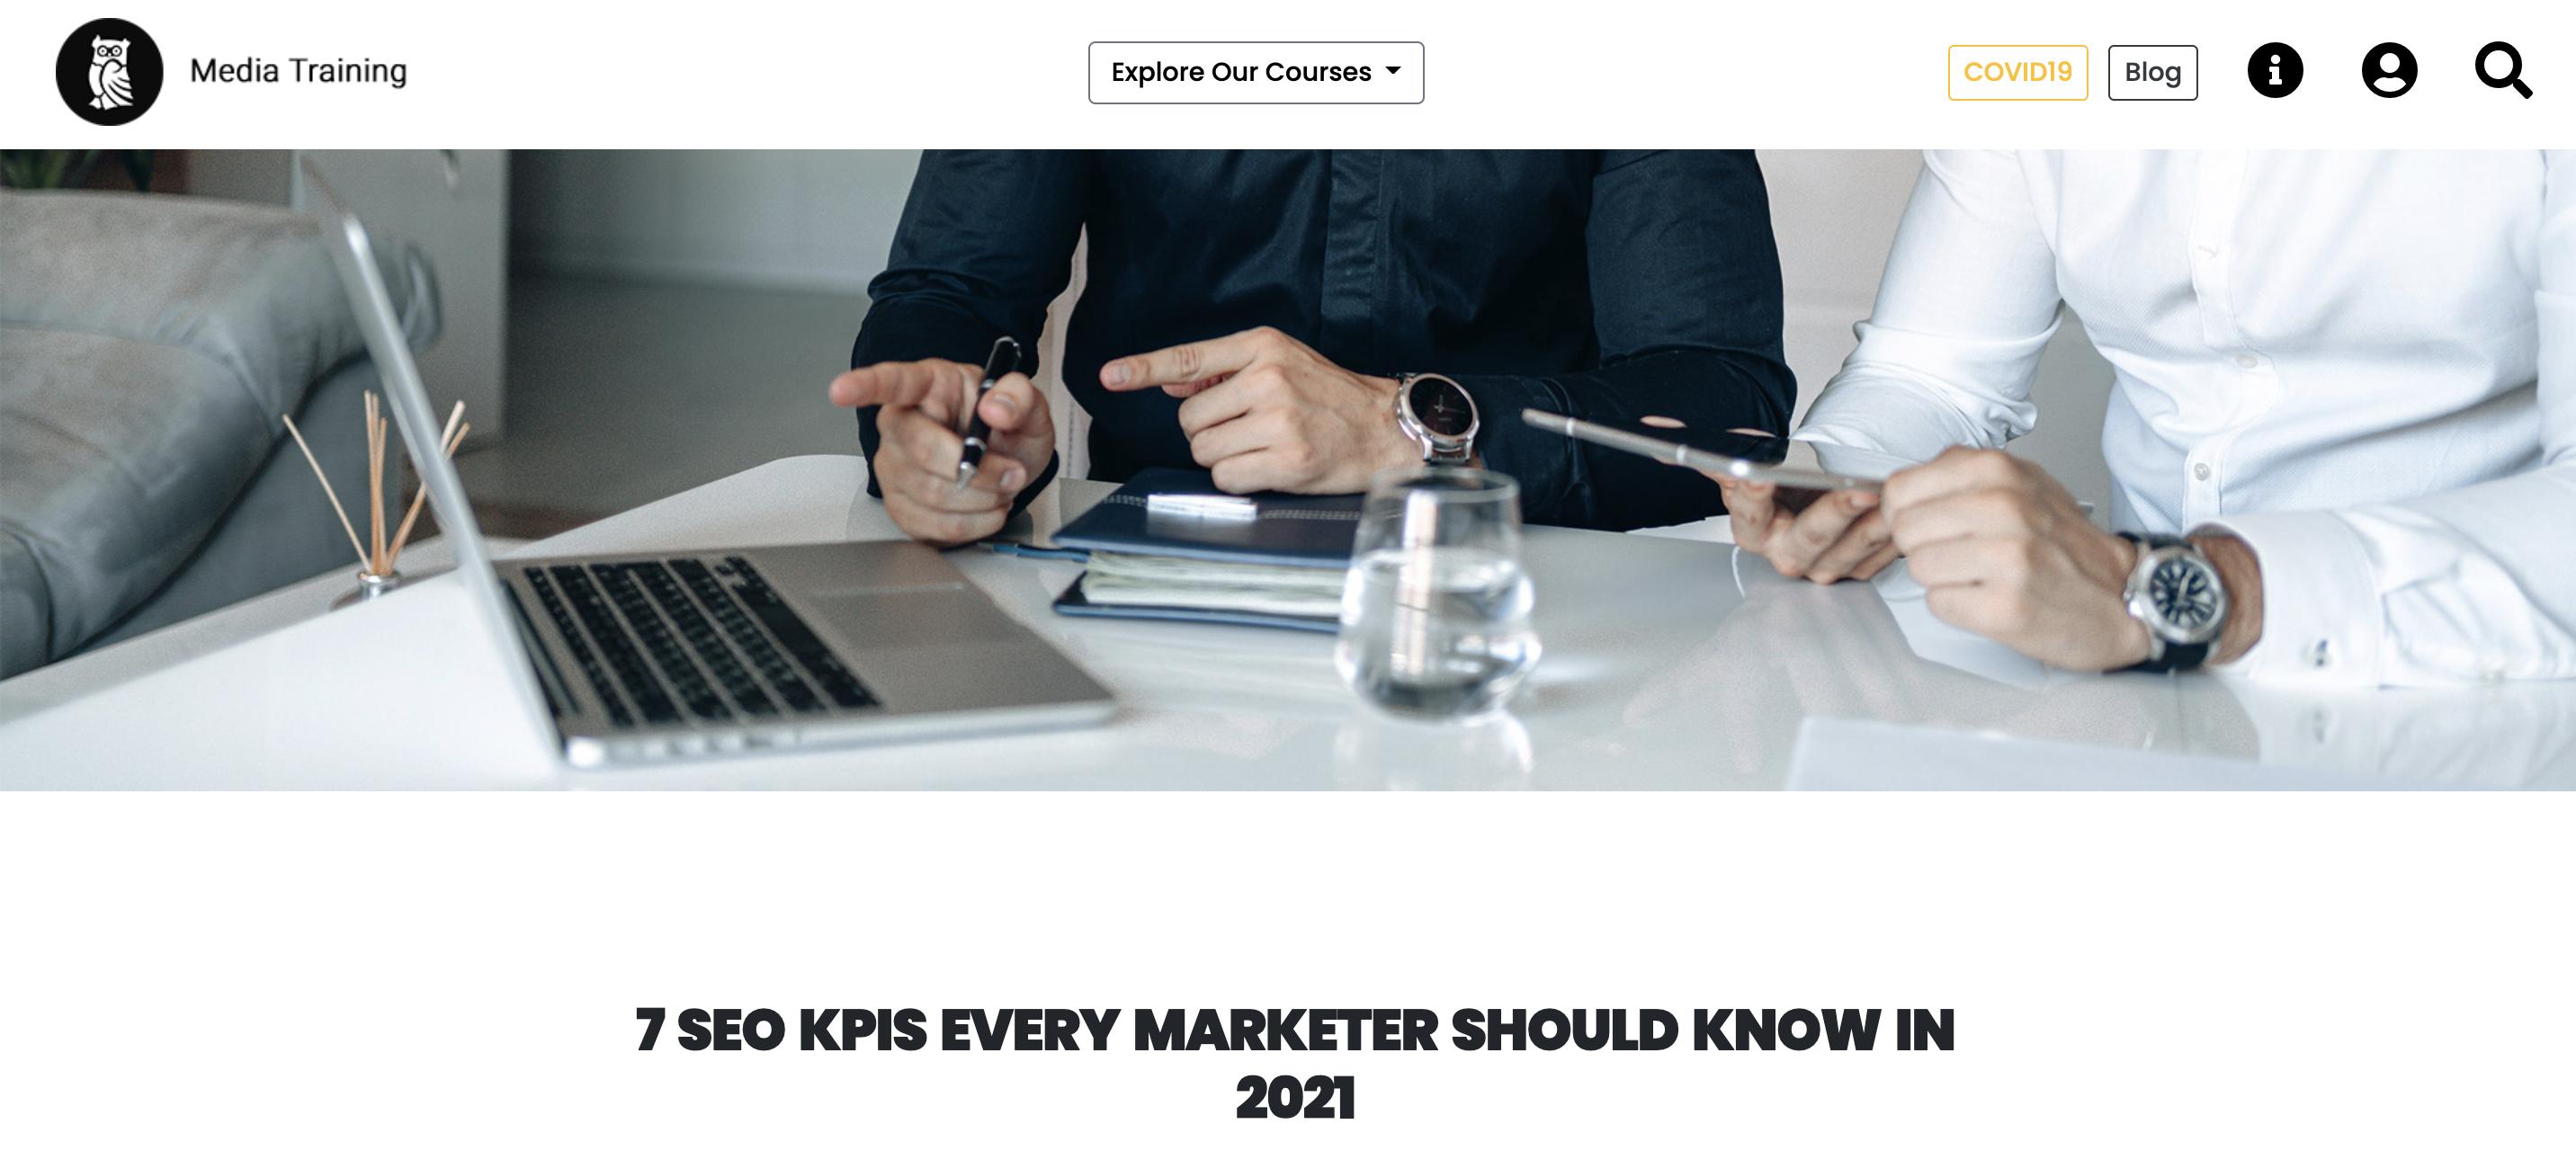 mediatraining content example